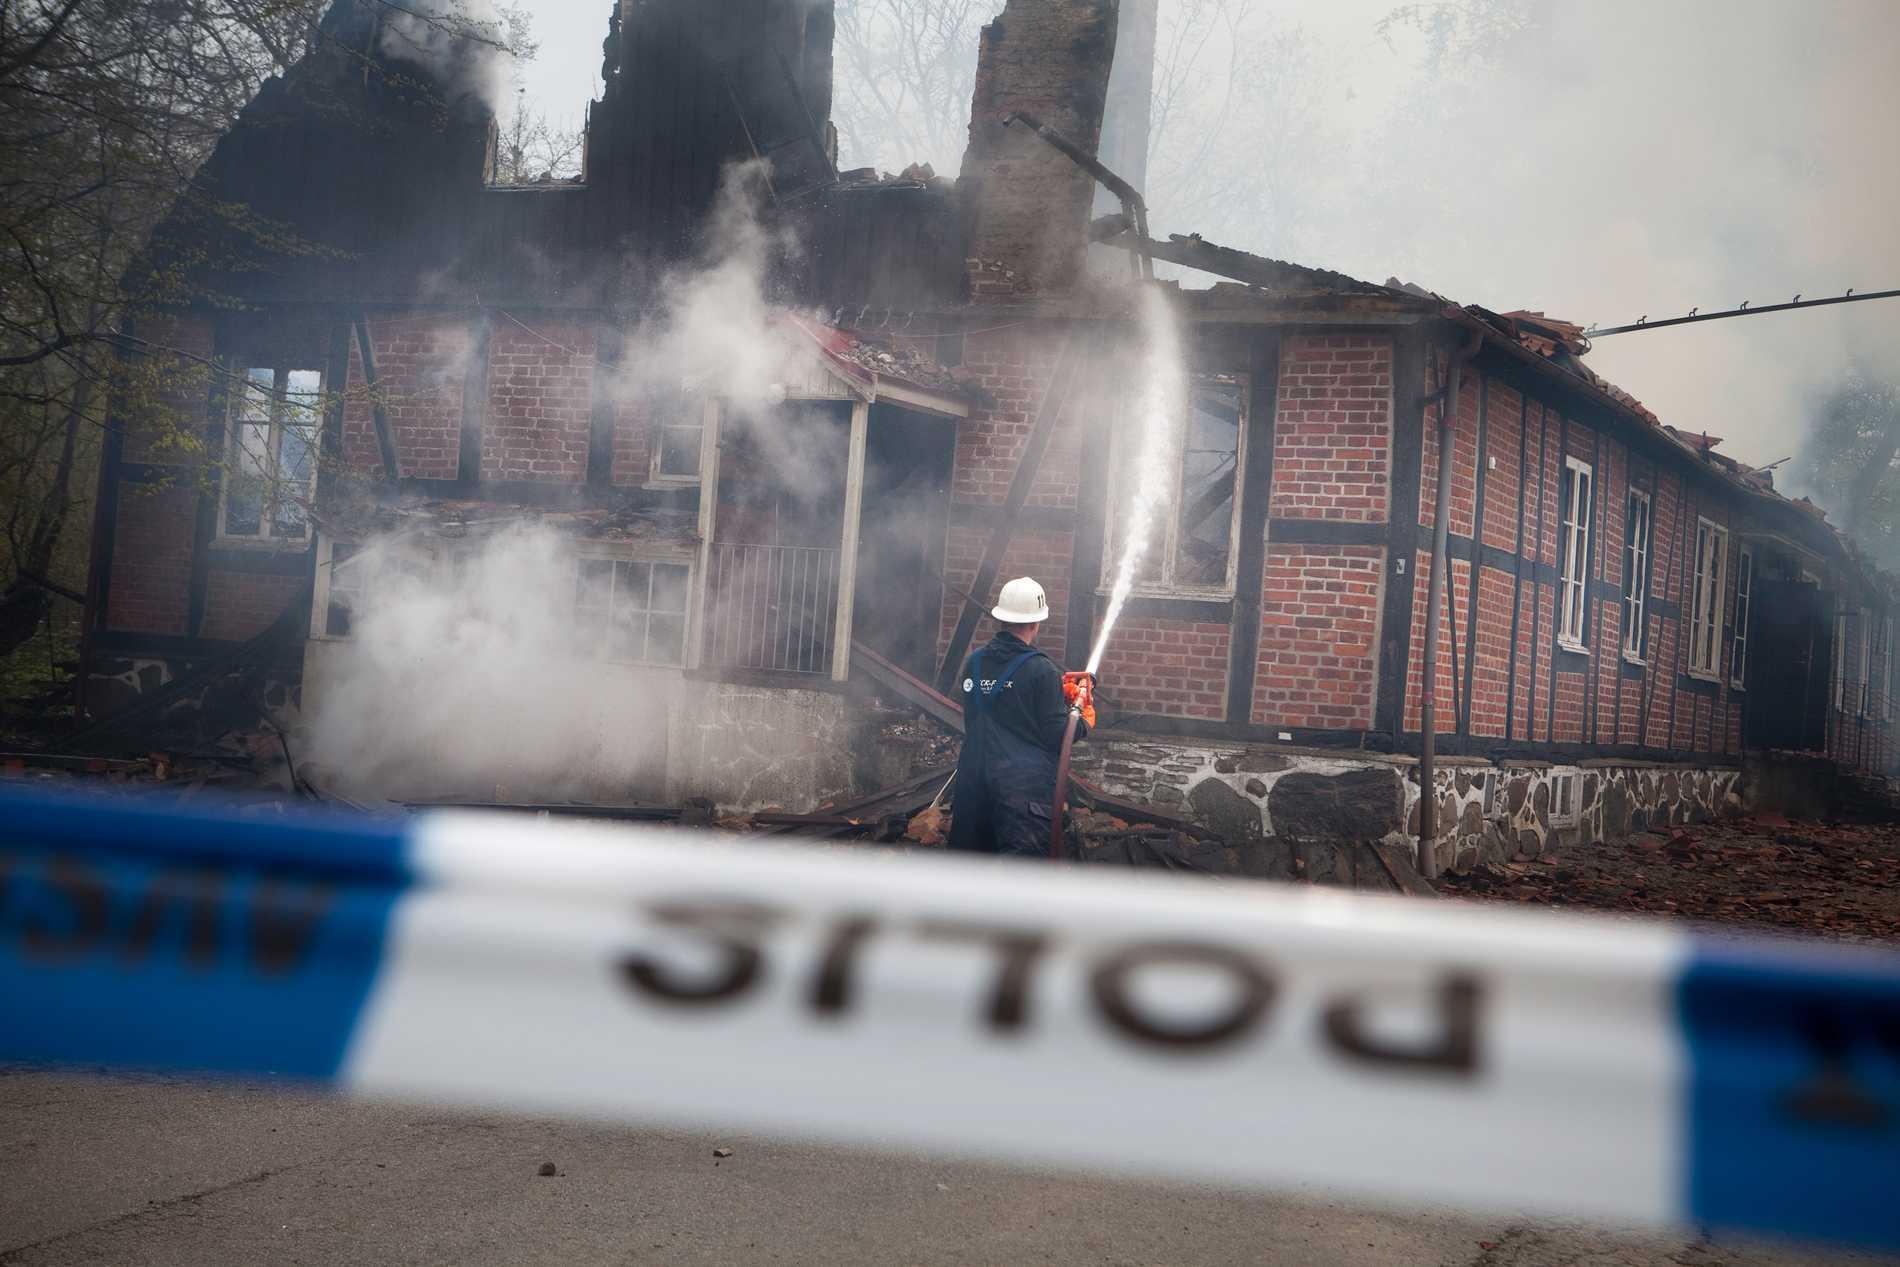 """Ulf Borgström är känd som """"Gryningspyromanen"""" efter att han i tioårs tid satte skräck i olika områden genom att tända eld på hus och byggnader."""